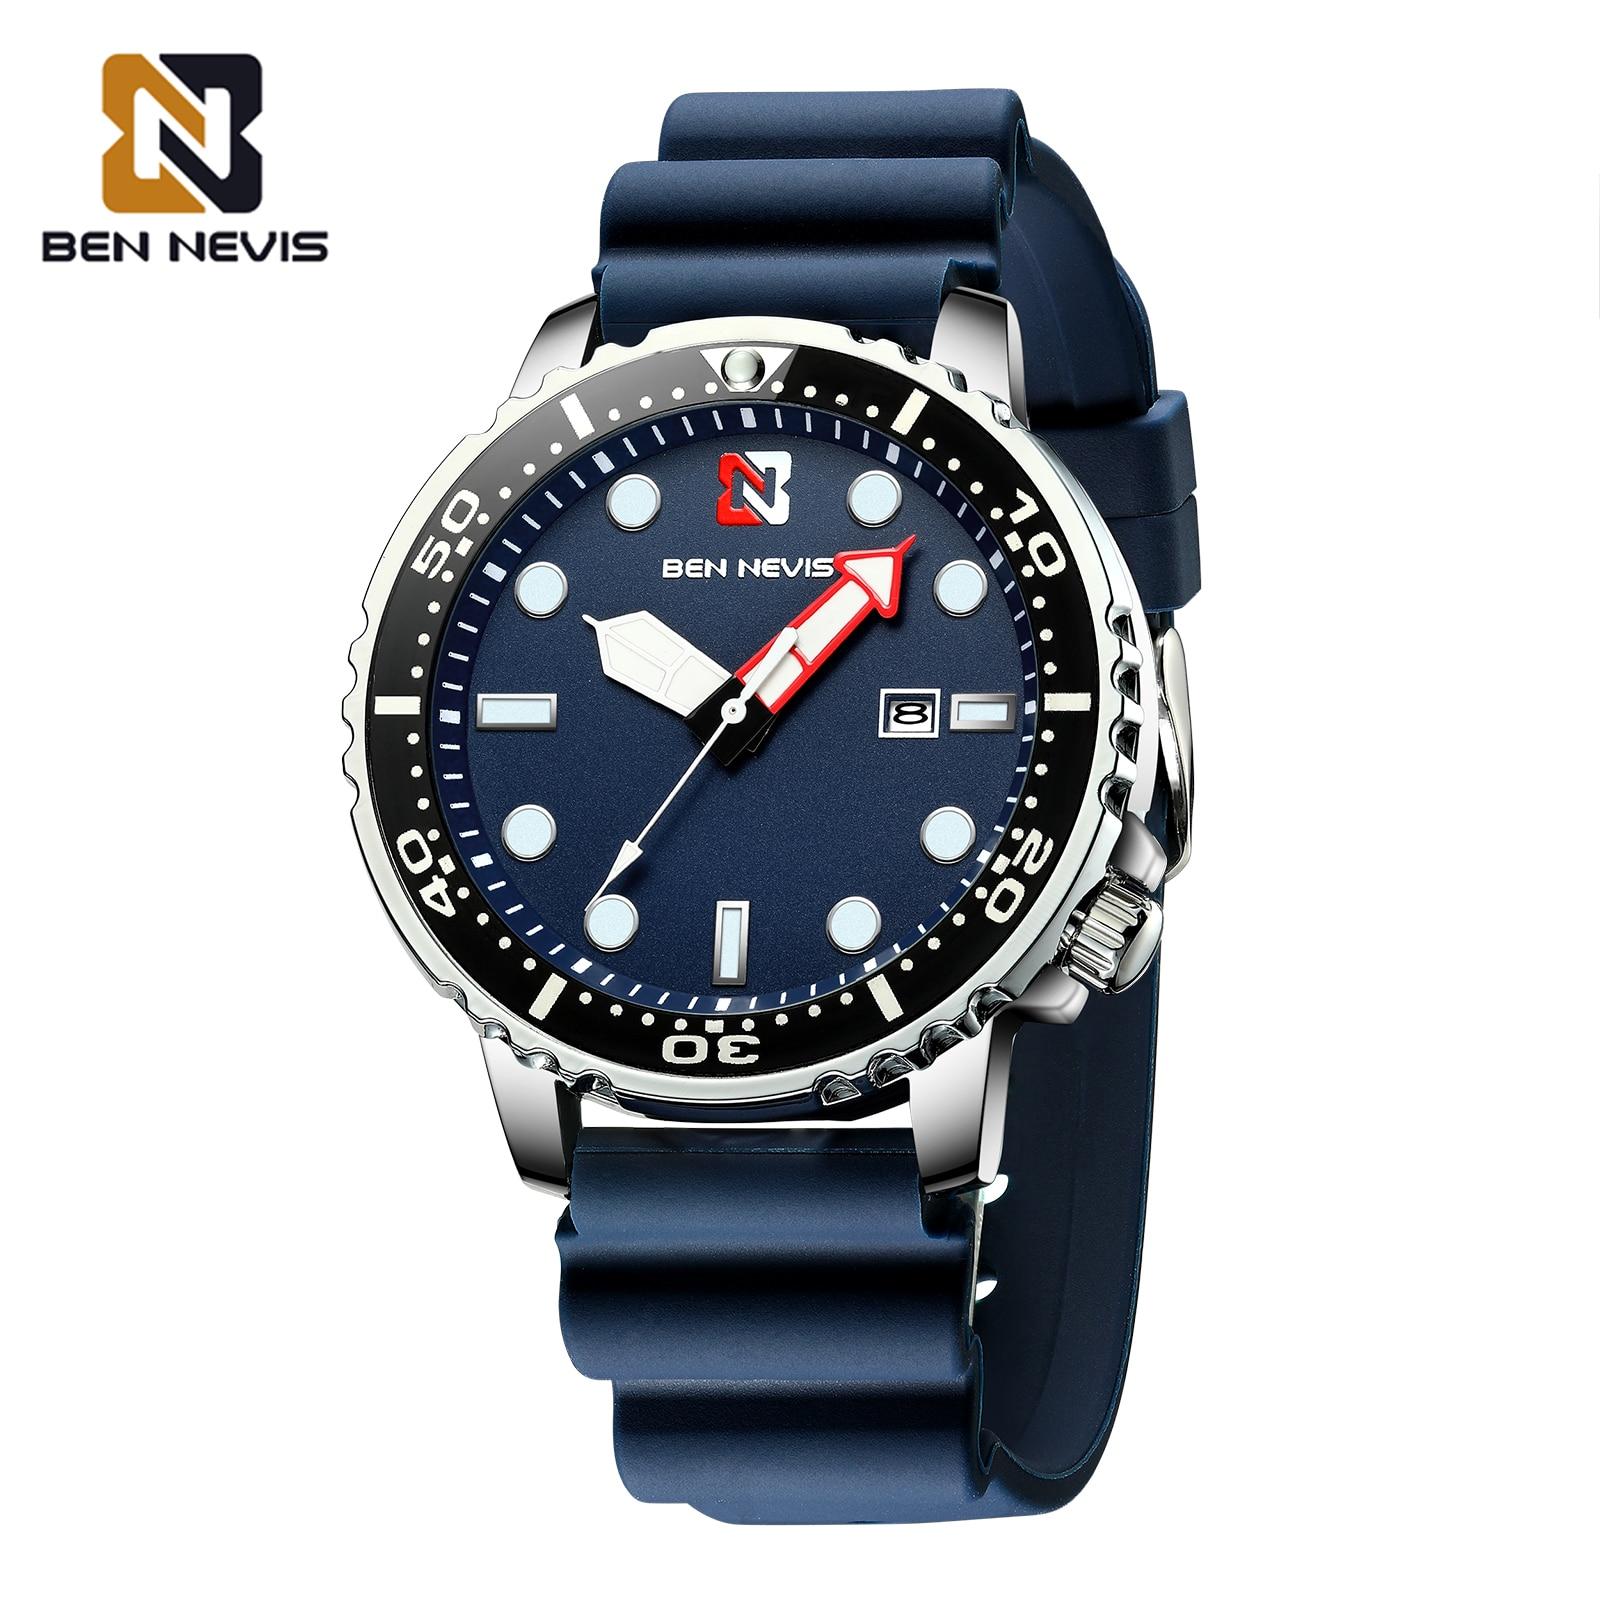 Relógio masculino ben nevis de quartzo, com pulseira de silicone impermeável, esportivo azul para homens, relógios masculinos a5